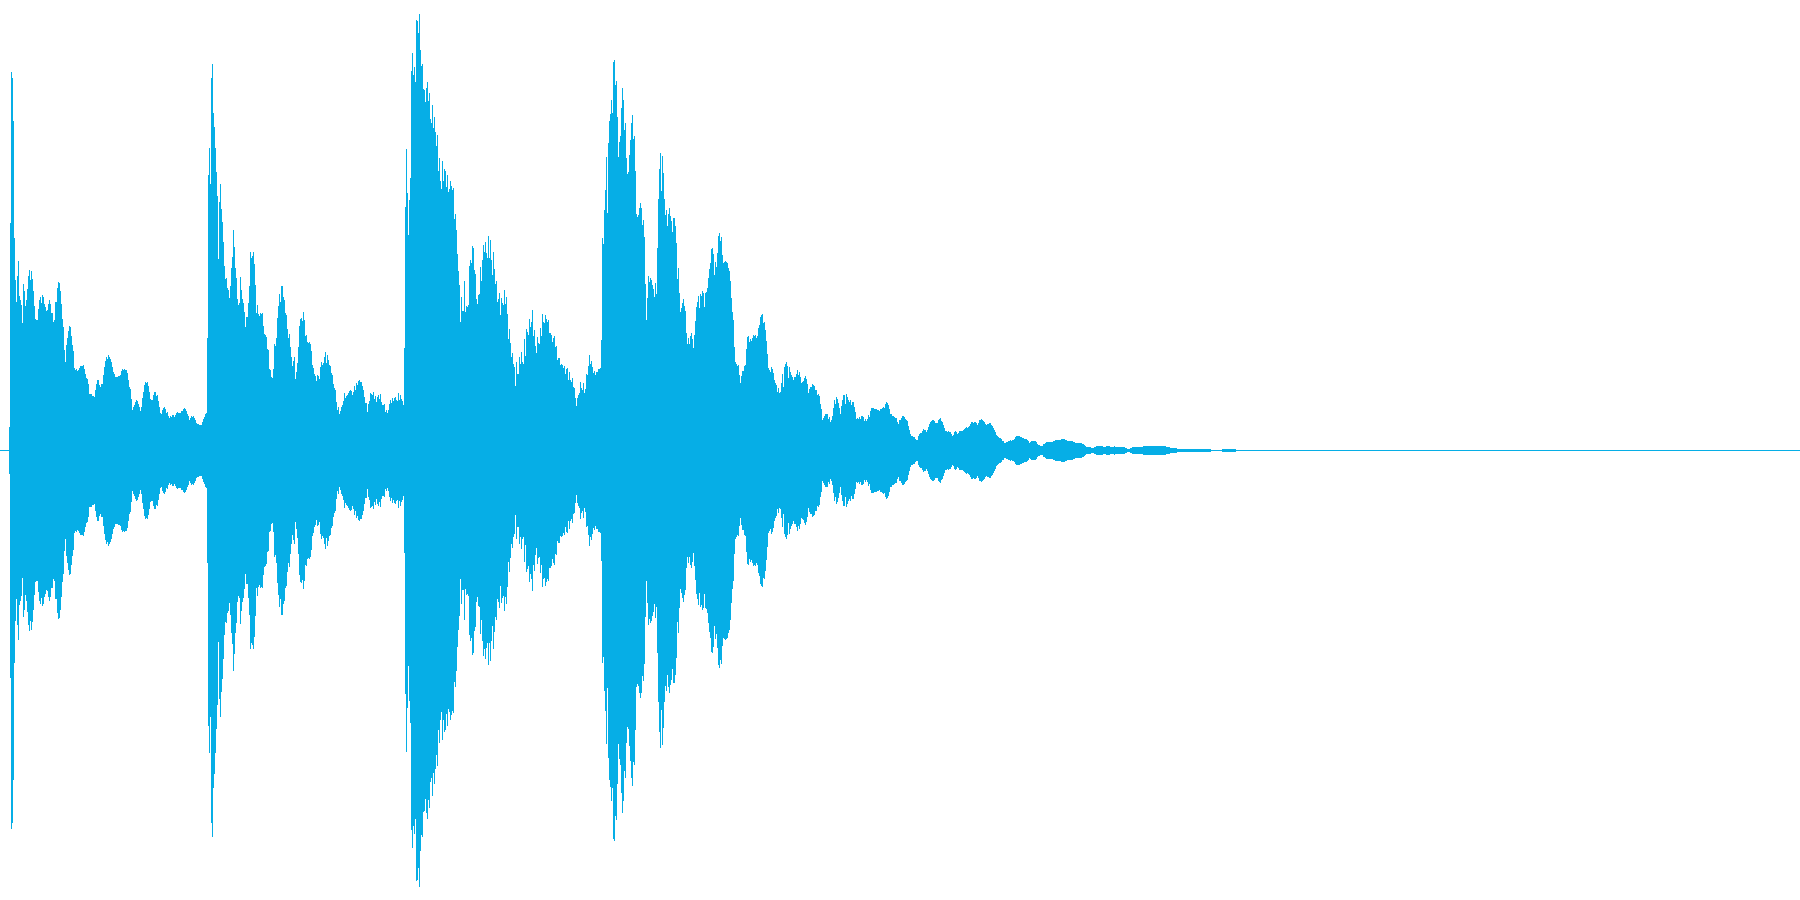 ピンポンパンポン↑(チャイム、呼び出し)の再生済みの波形